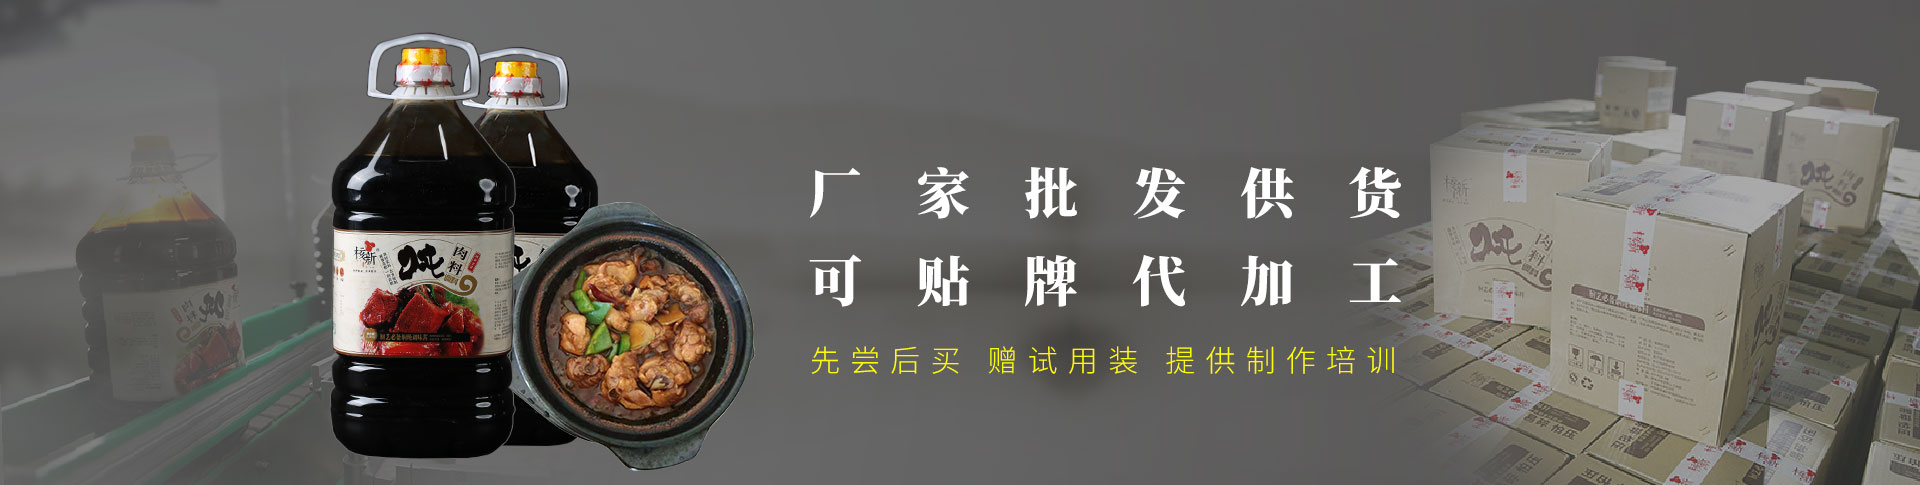 新疆黄焖鸡米饭的酱料批发